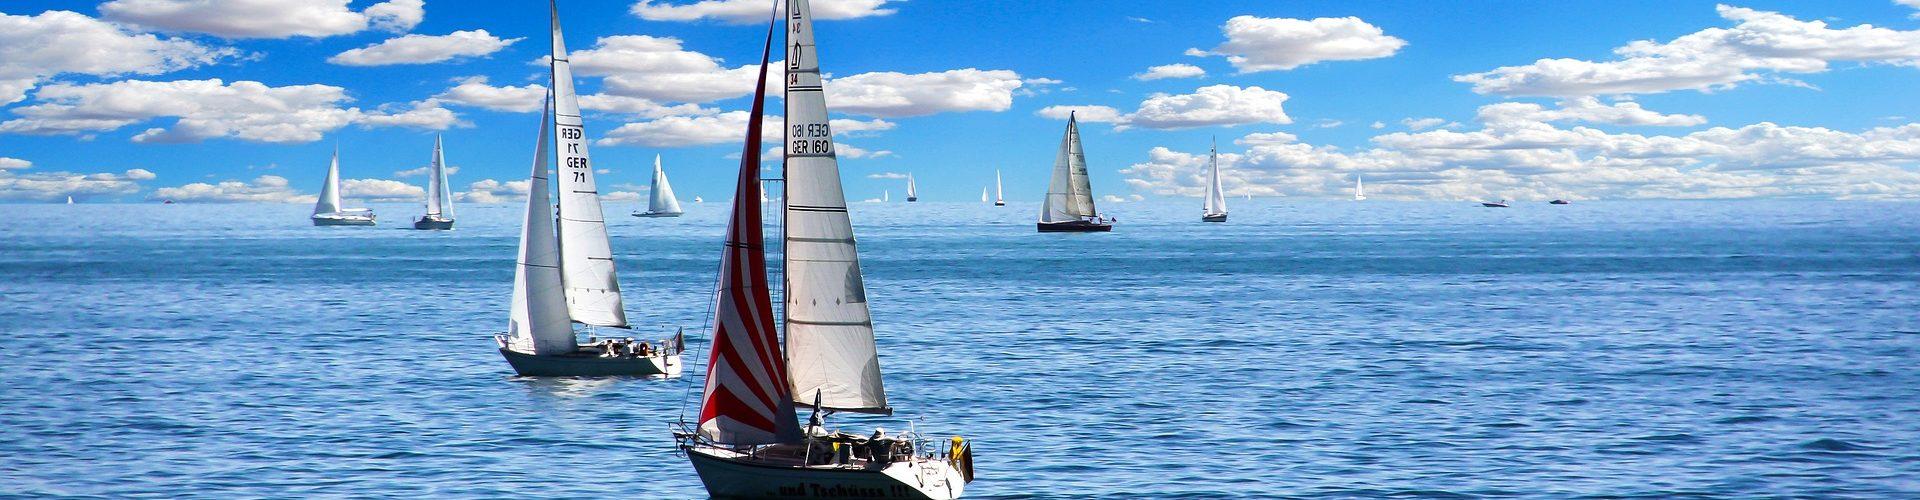 segeln lernen in Appenweier segelschein machen in Appenweier 1920x500 - Segeln lernen in Appenweier